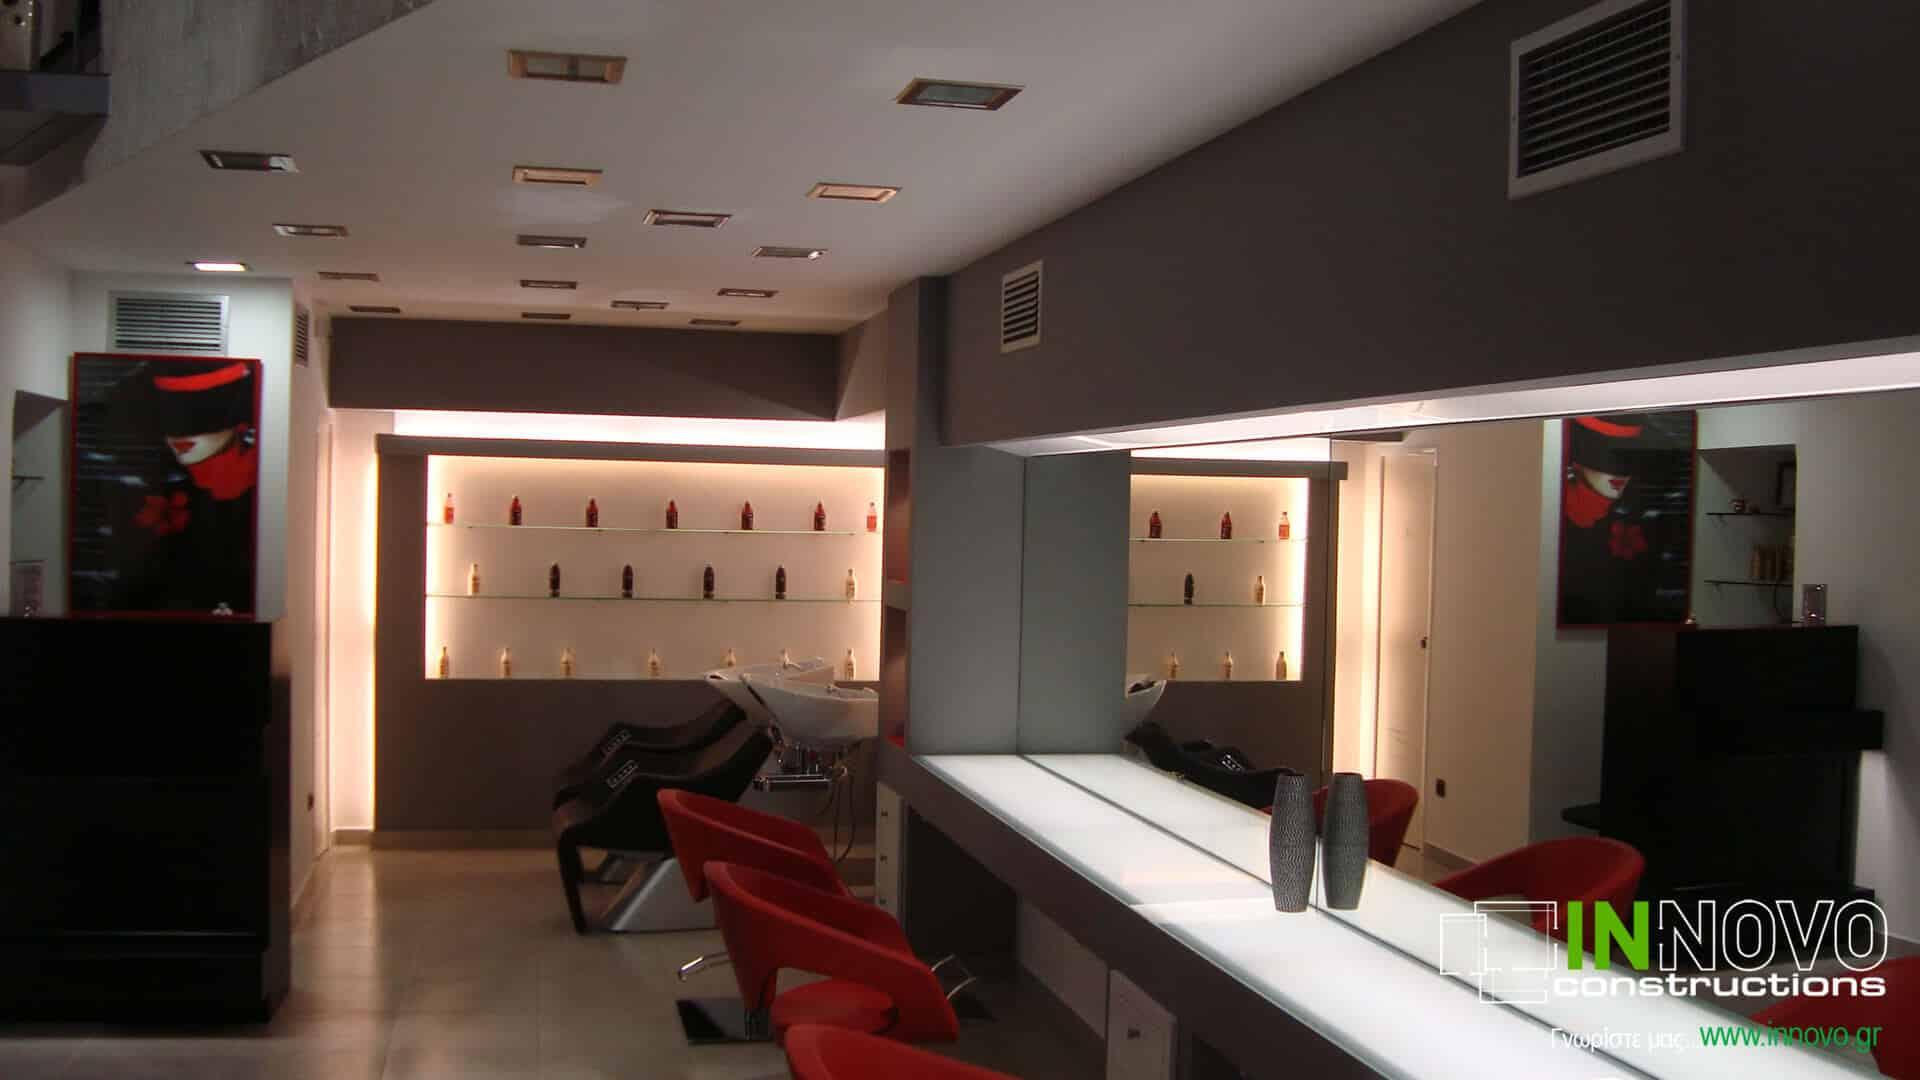 diakosmisi-kommotiriou-hairdressers-design-kommotirio-nafplio-1071-23